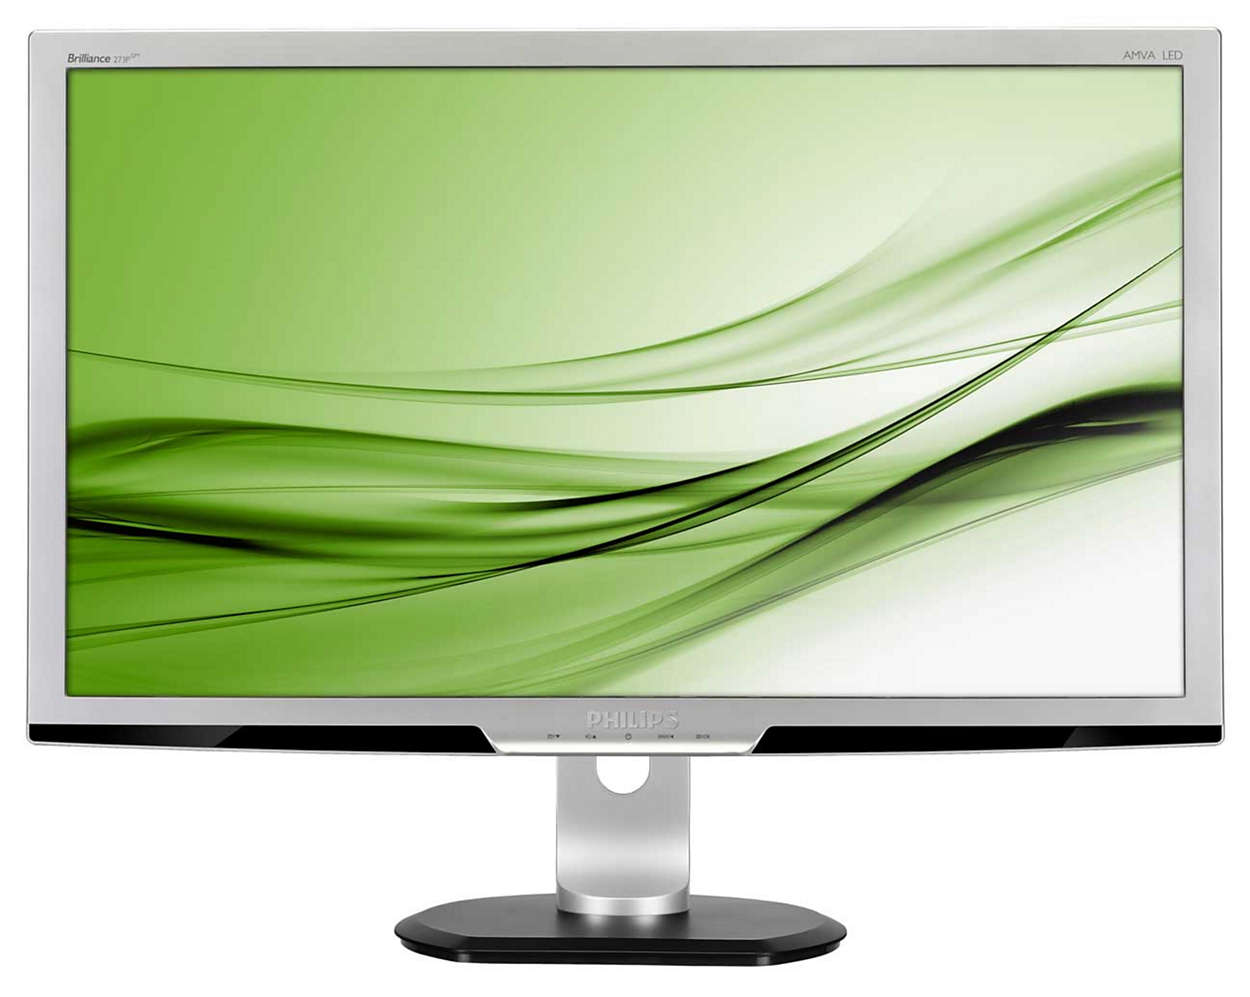 Sürdürülebilir, çevreci tasarımlı ekran